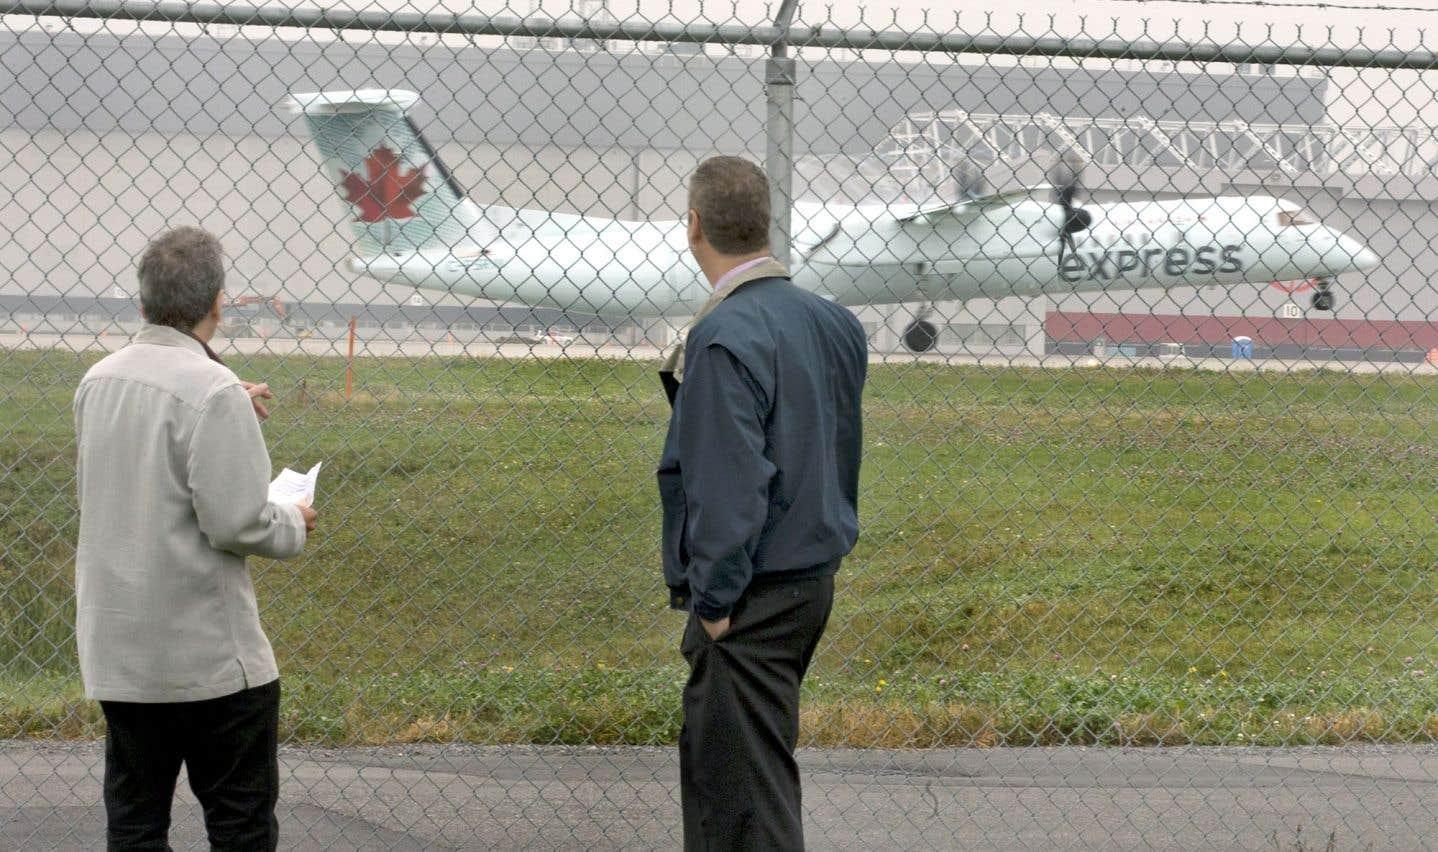 Les avions, une nuisance qui fait du bruit